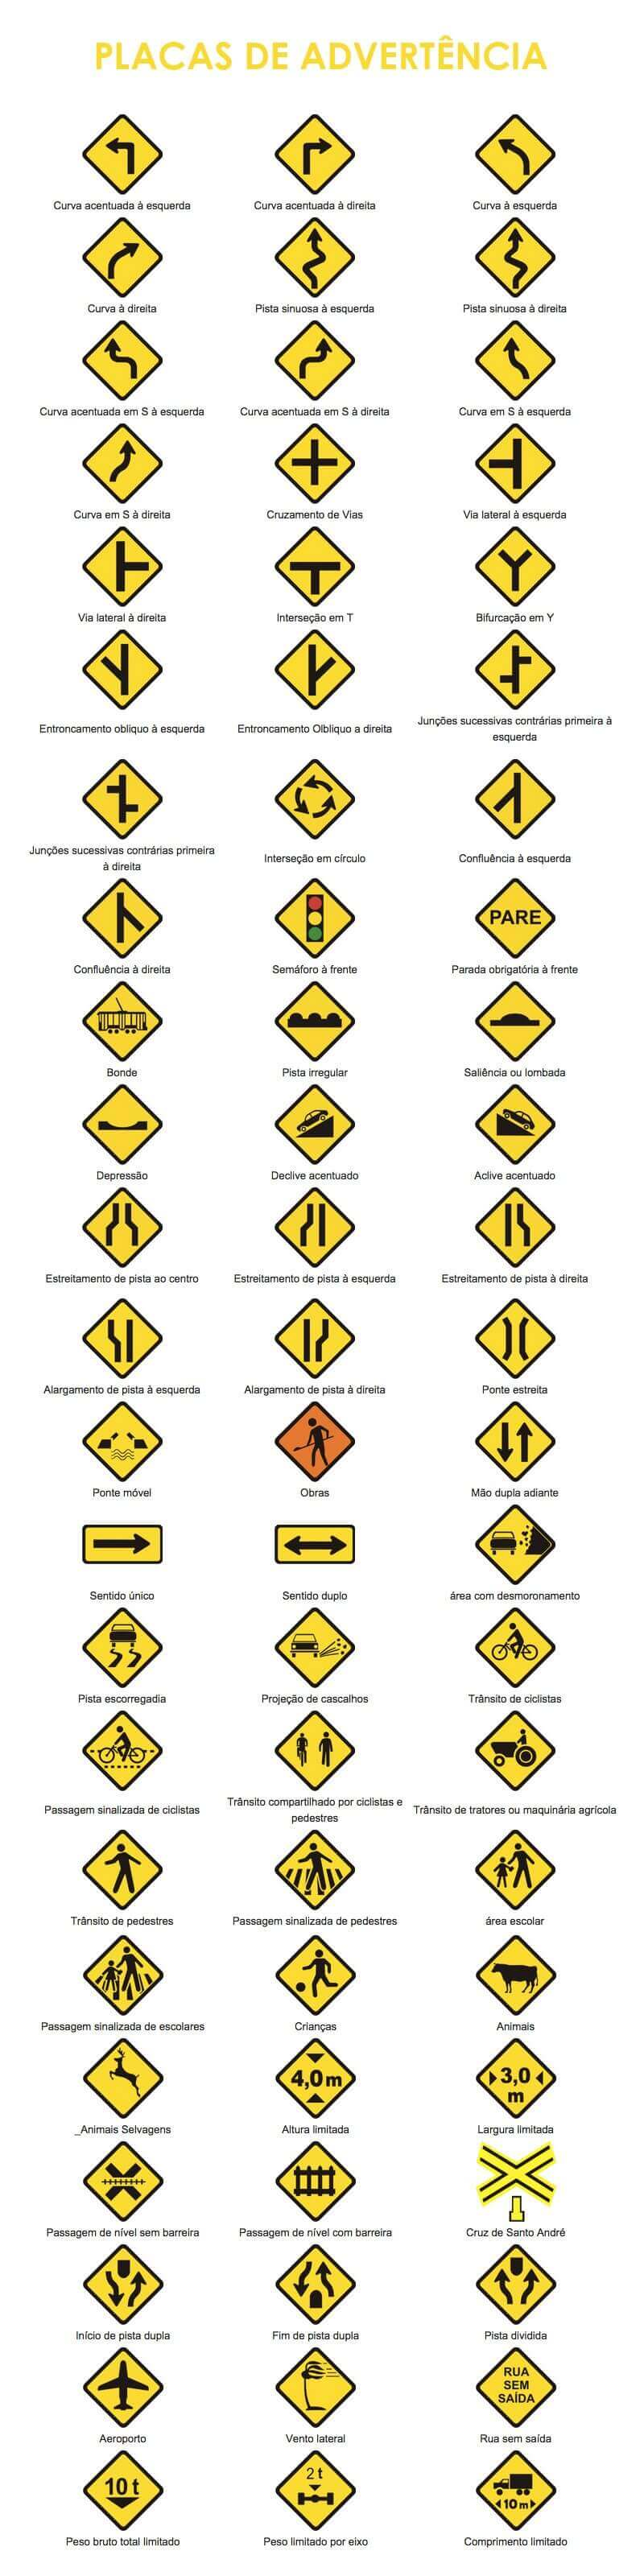 imagem das placas de advertências